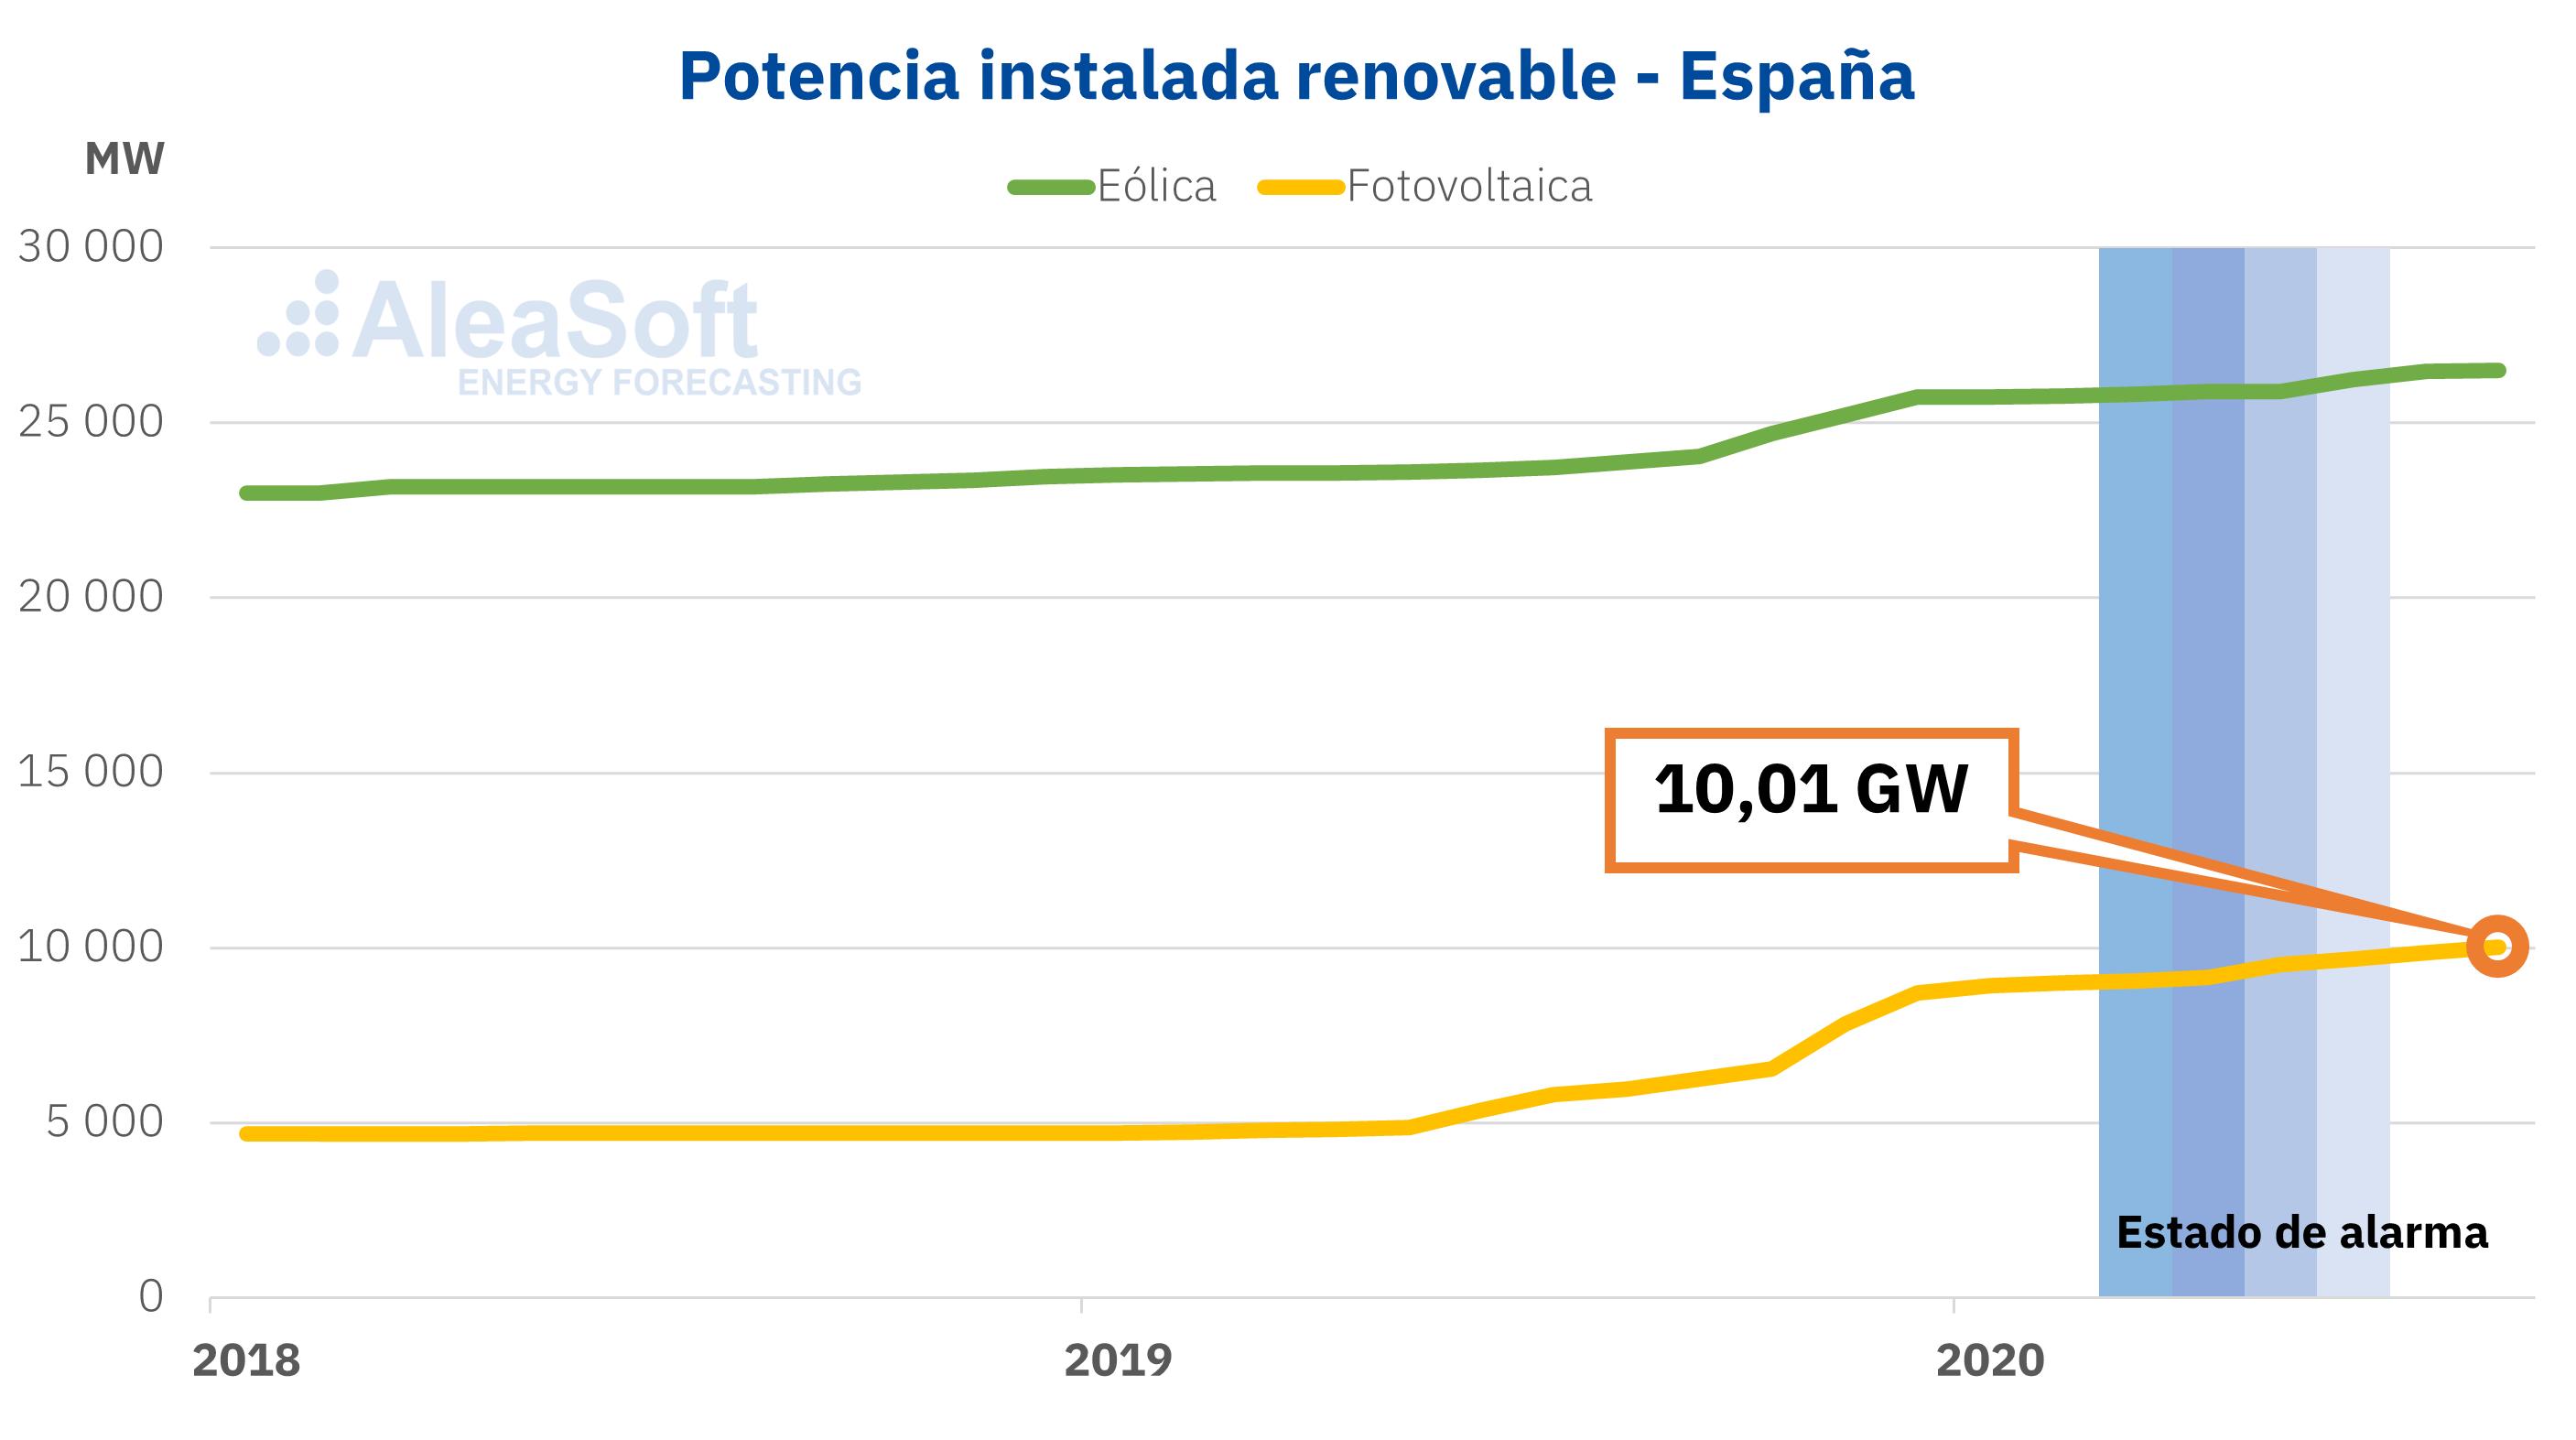 AleaSoft - Potencia instalada eólica y solar fotovoltaica en España